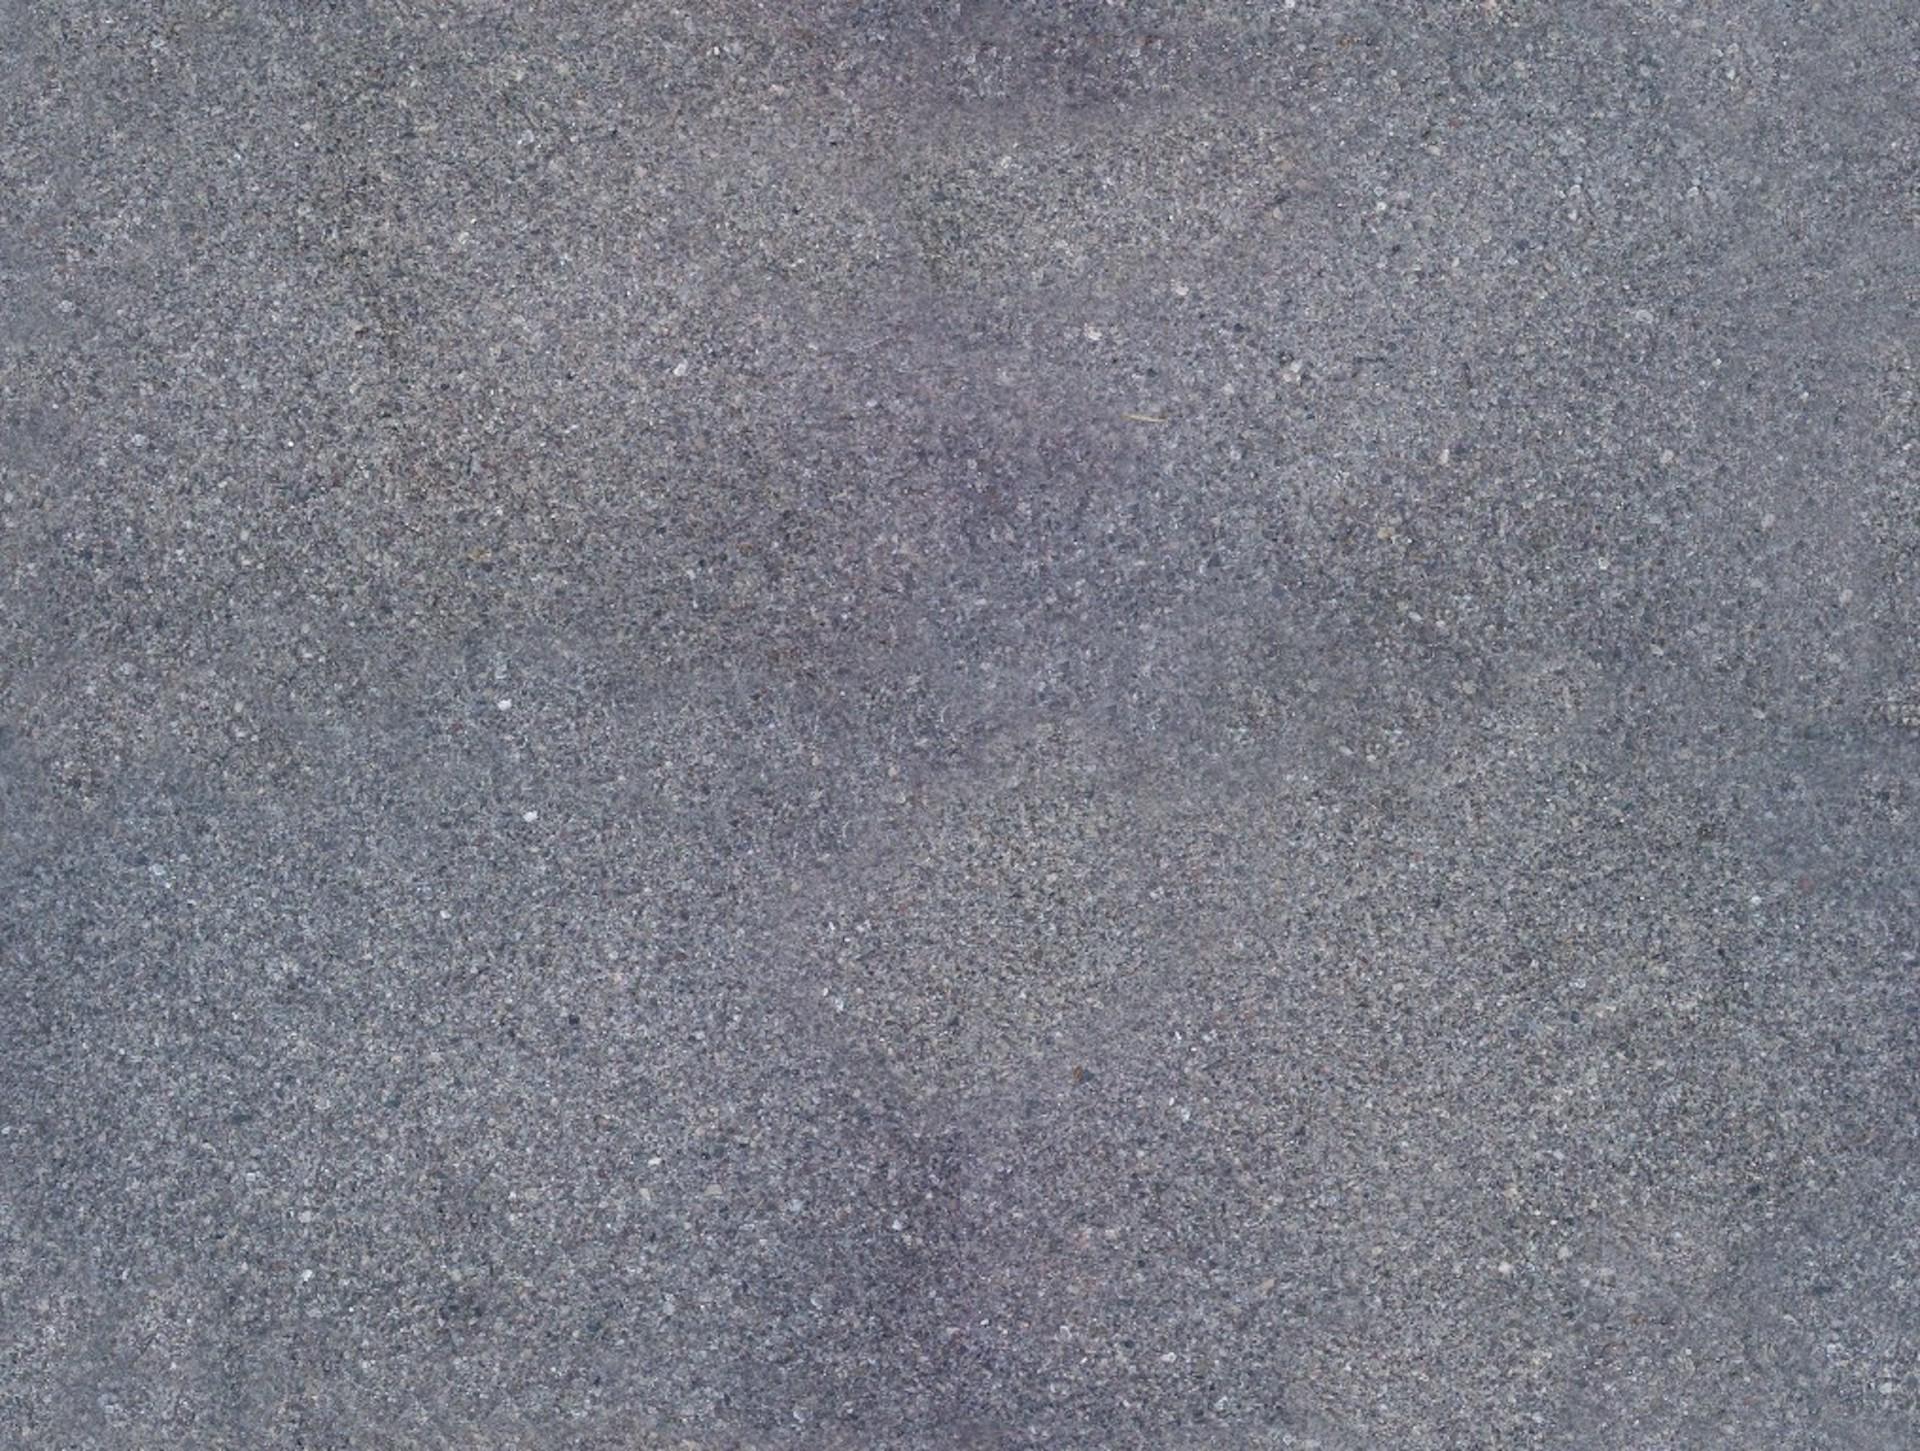 asfalto - texture - download